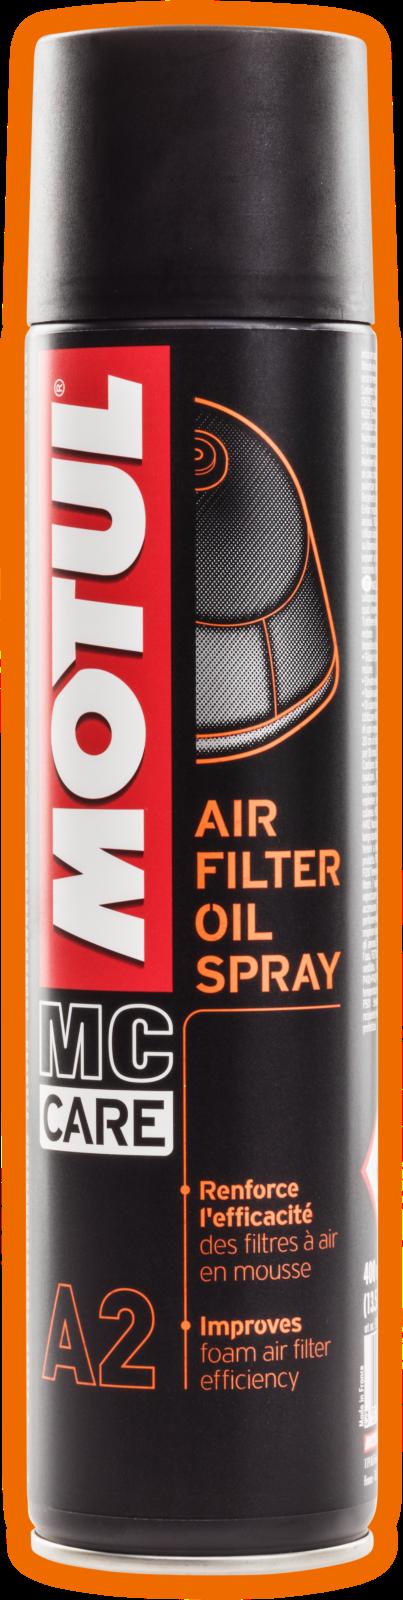 MOTUL AG MOTUL A2 Air Filter Oil Spray 0,4L